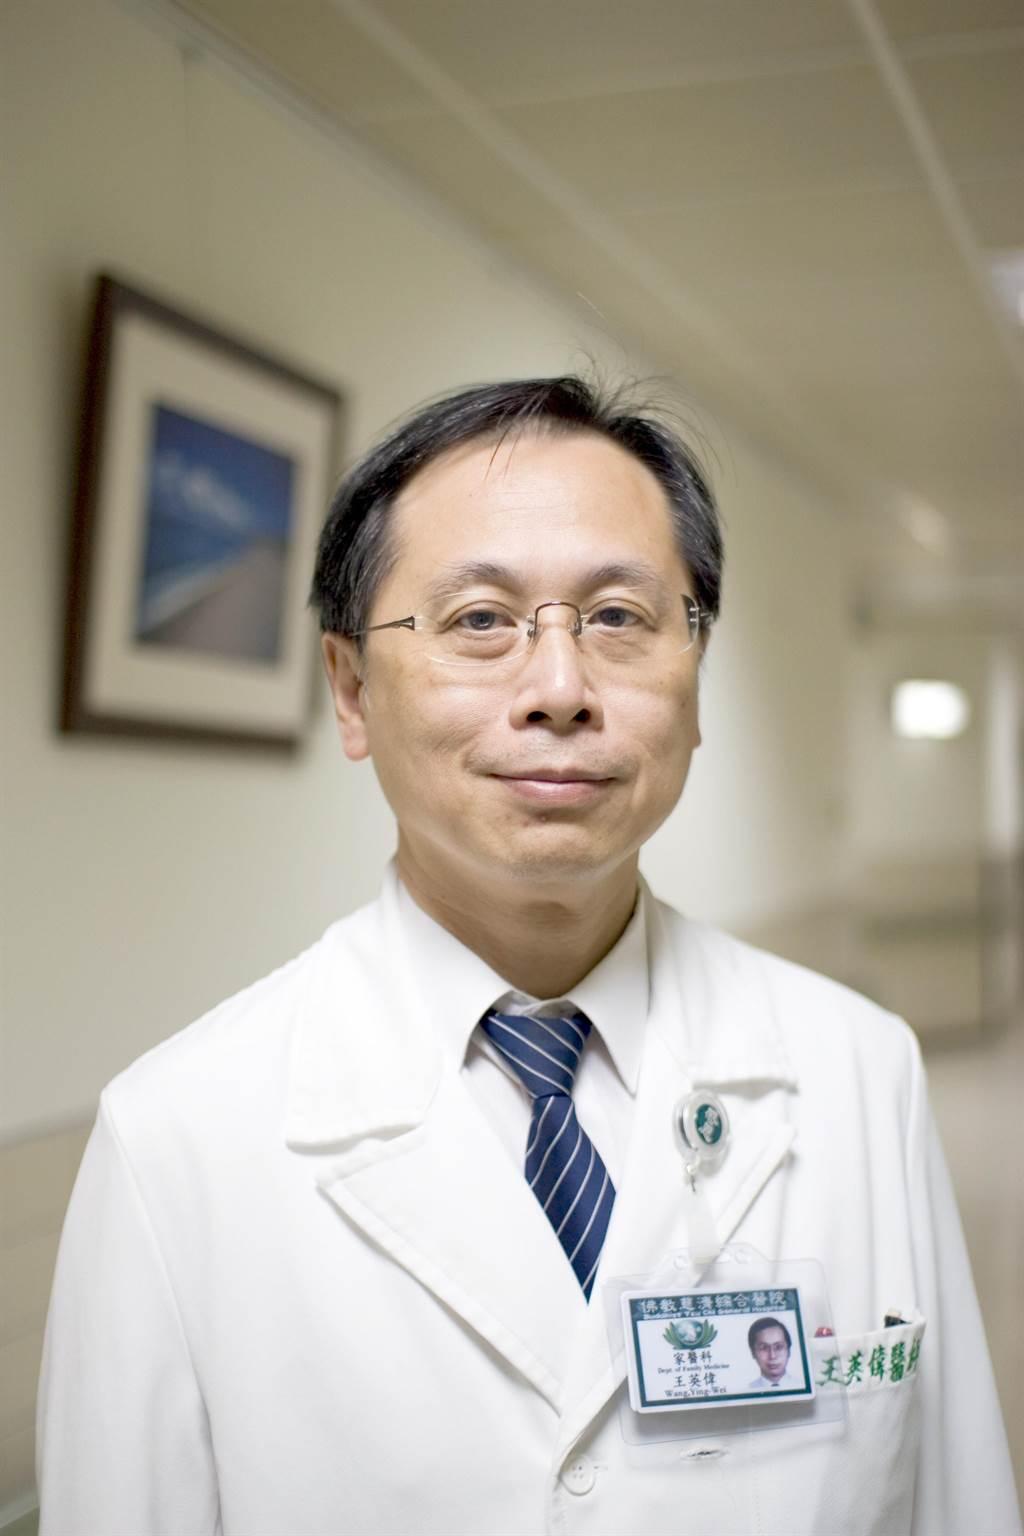 花蓮慈濟醫院心蓮病房主任王英偉即將接任衛生福利部國民健康署署長。(花蓮慈濟醫院提供)